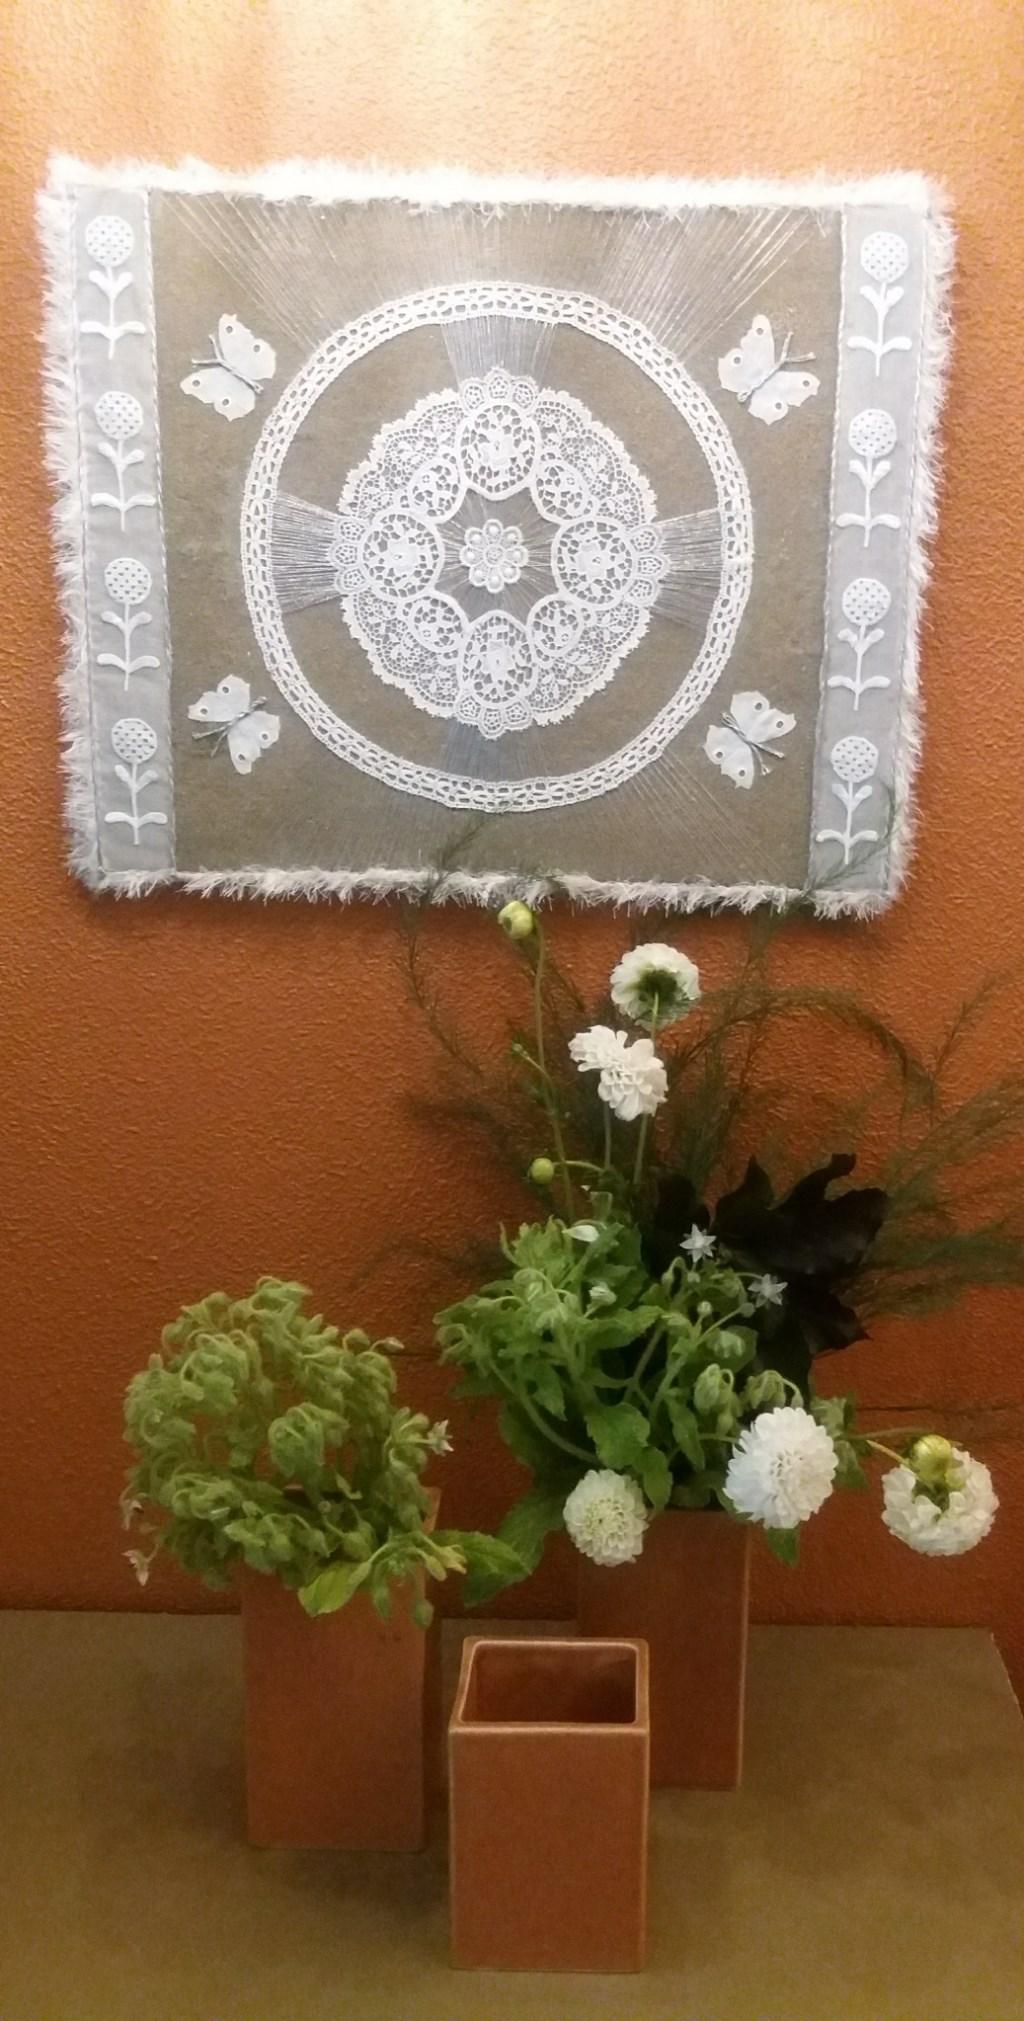 Collage met kant en bloemwerk met dahlia's. (foto: Adelheid Jochemsen)